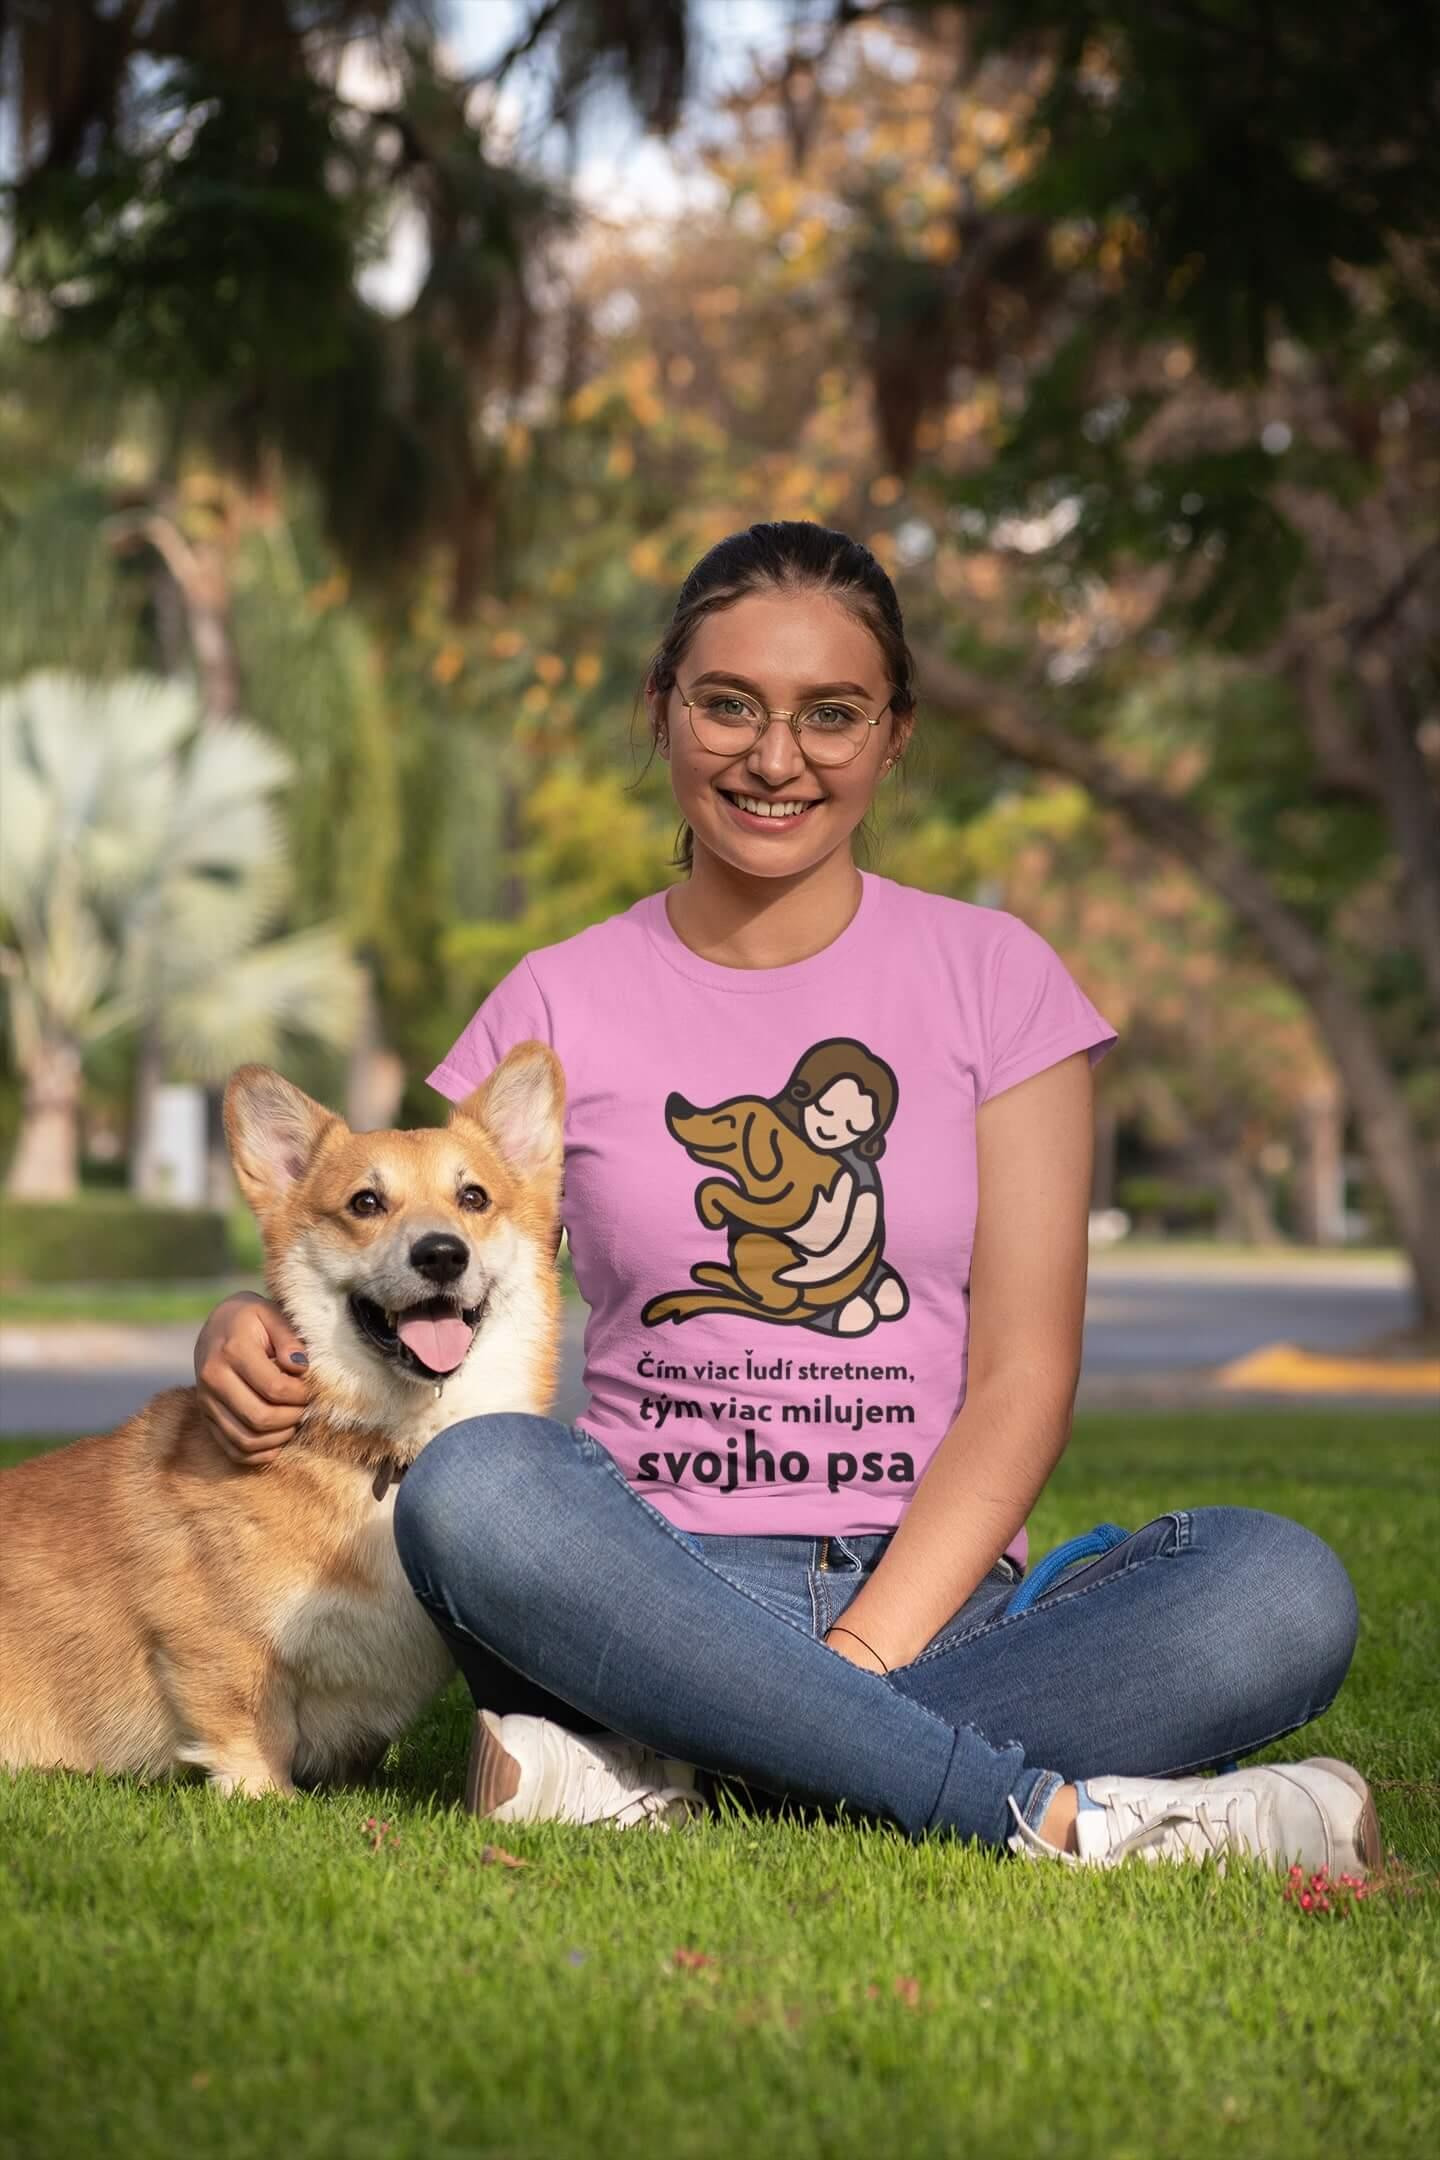 MMO Dámske tričko Milujem svojho psa Vyberte farbu: Ružová, Vyberte veľkosť: XS